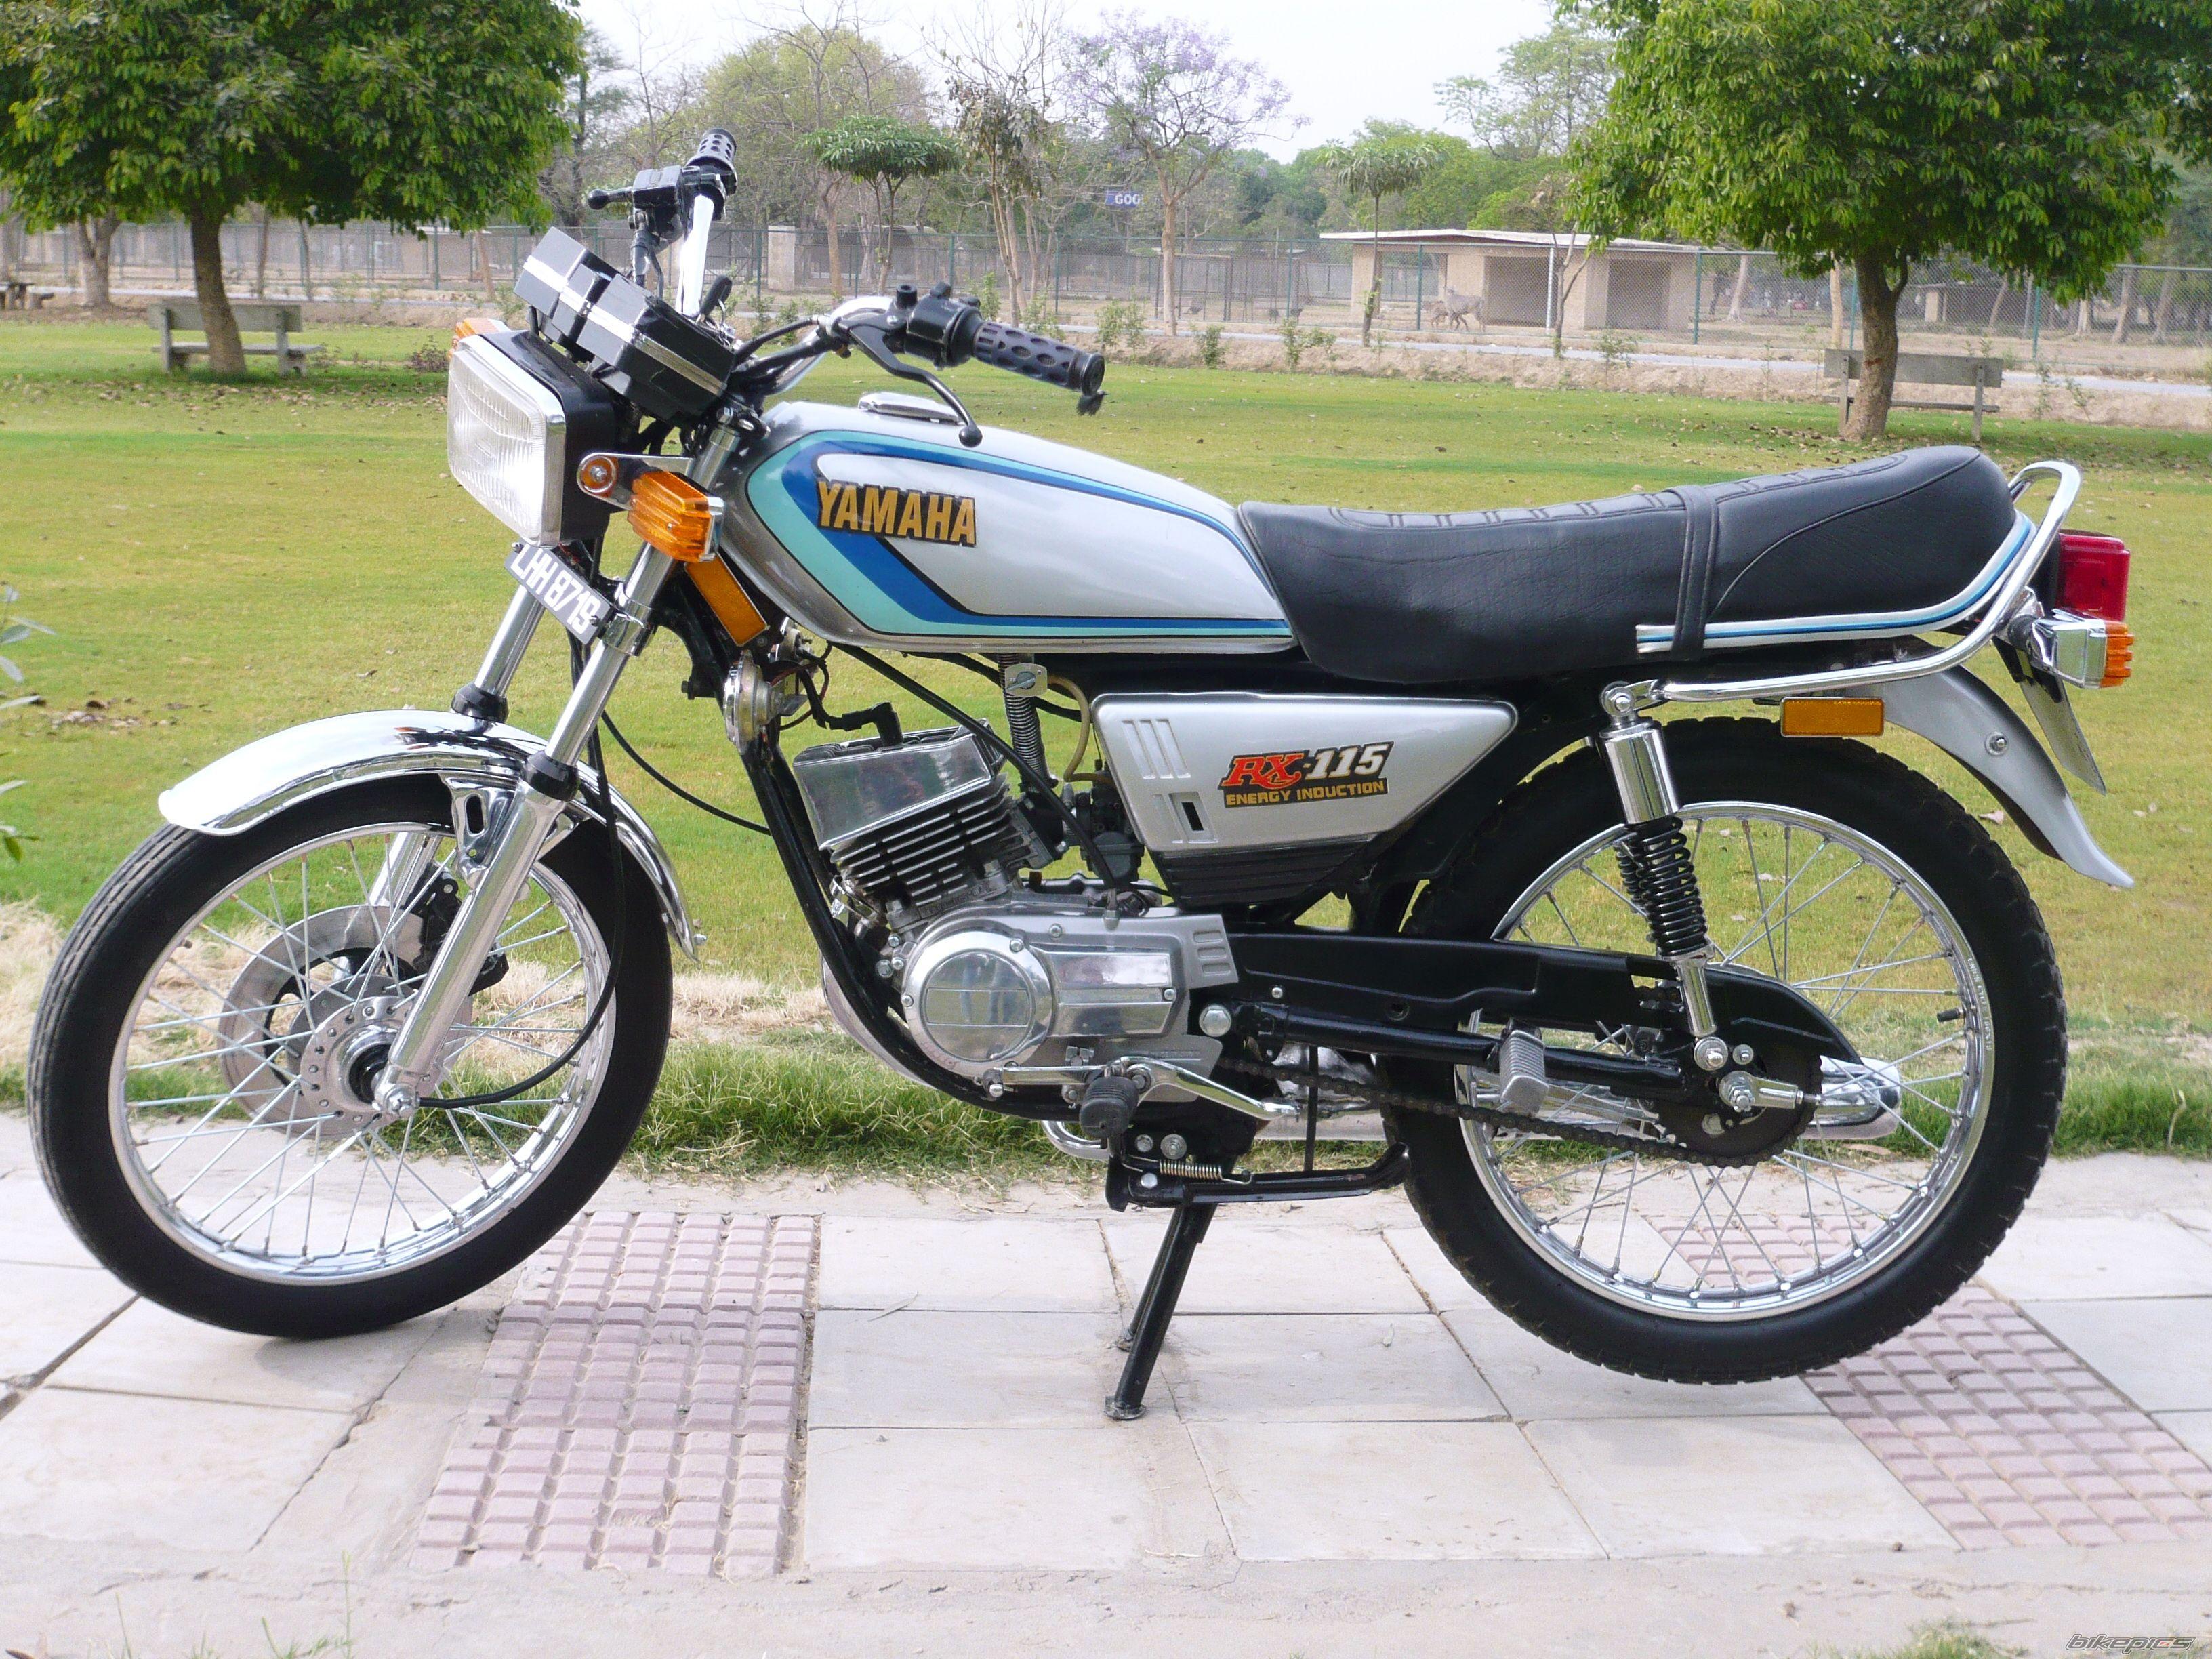 The Yamaha 115 at , the Motorcycle